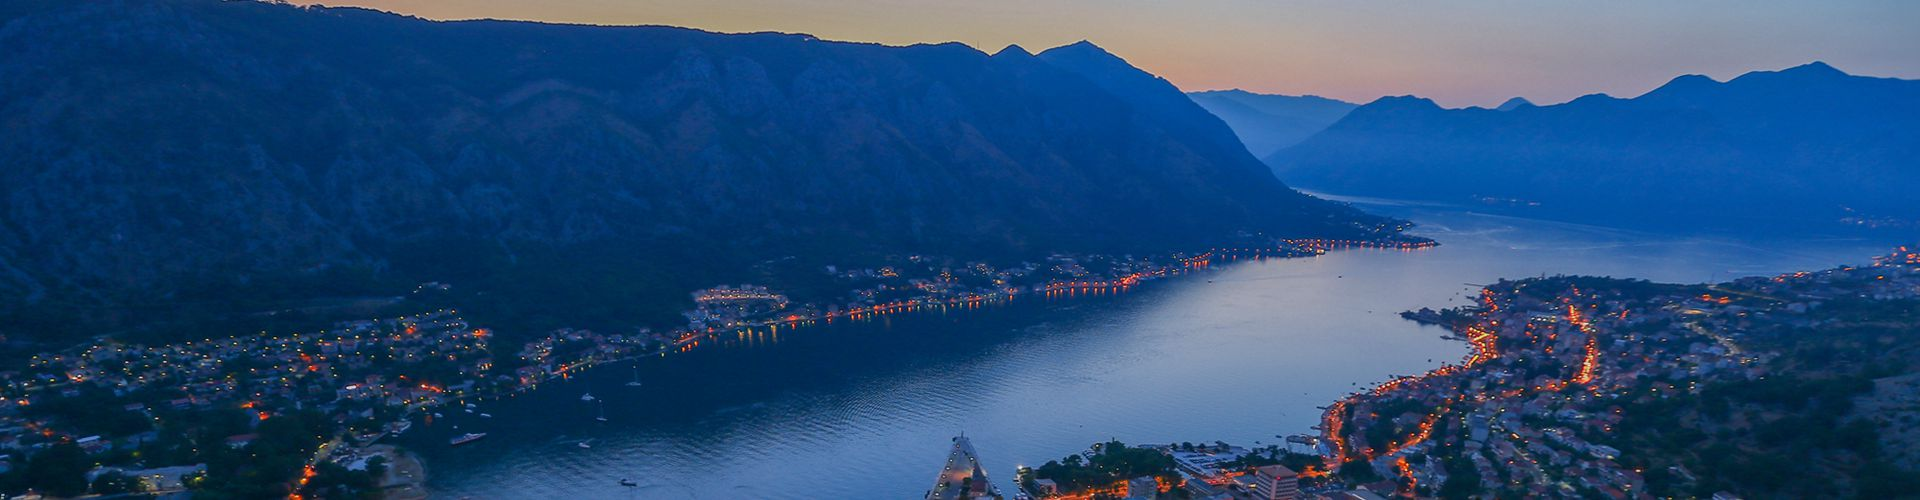 黑山移民_黑山投资移民政策_入籍条件